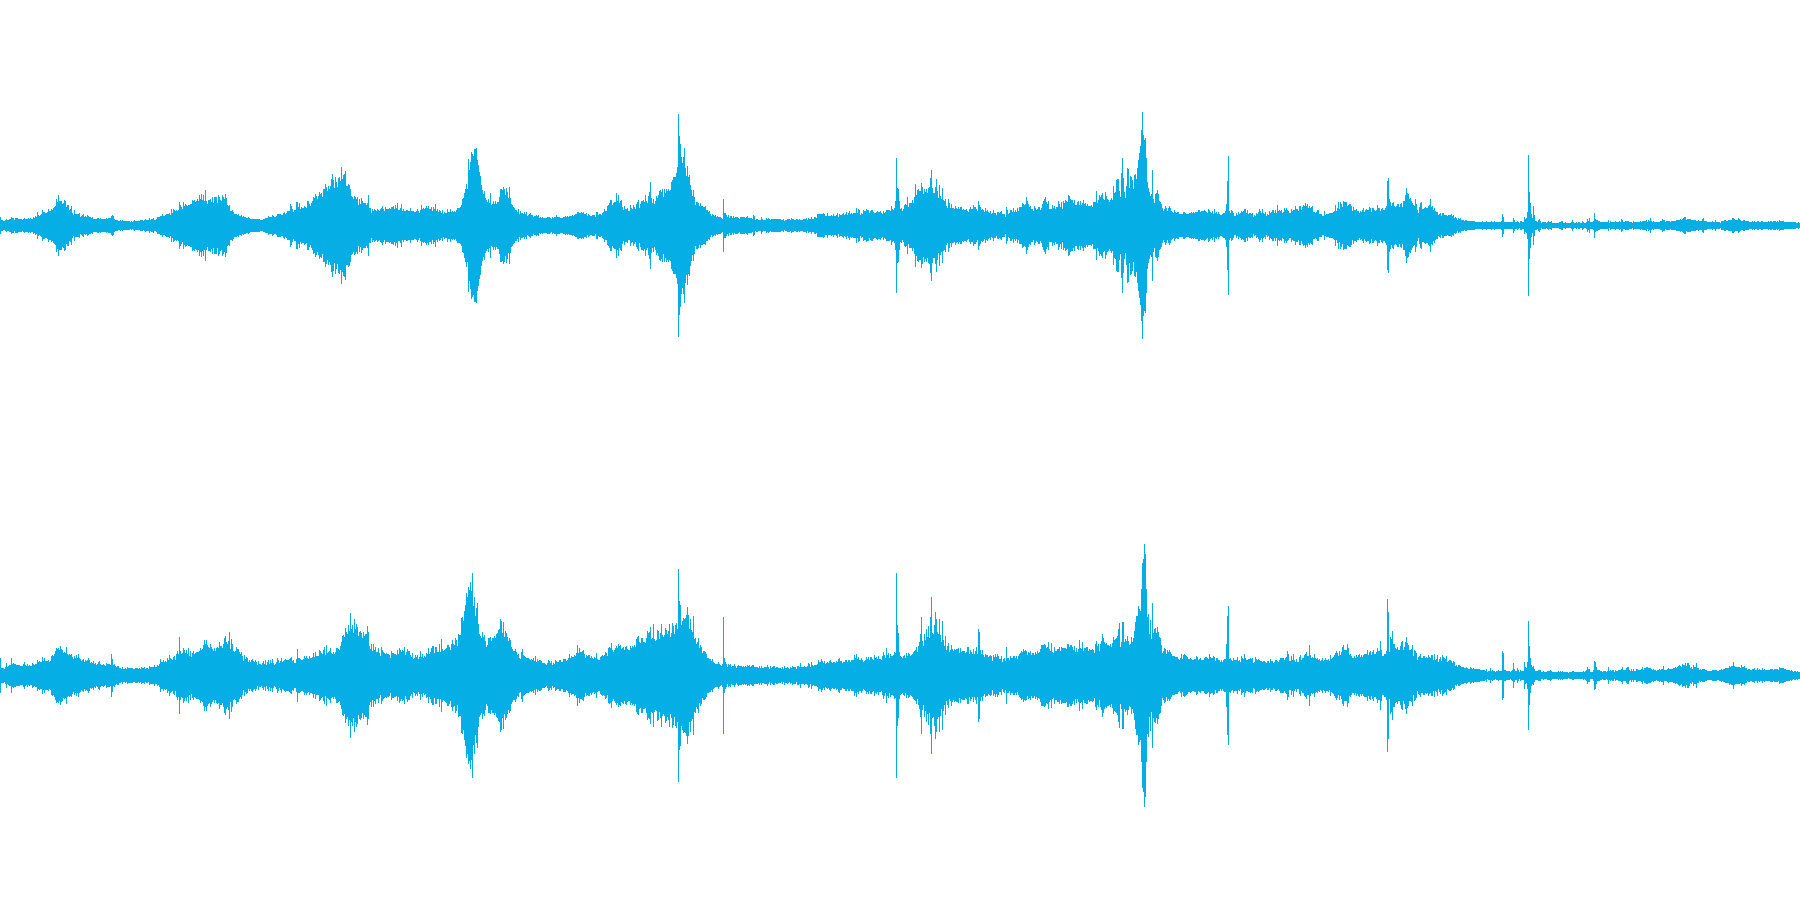 道路上の様々な音(Wav用に再編集)の再生済みの波形